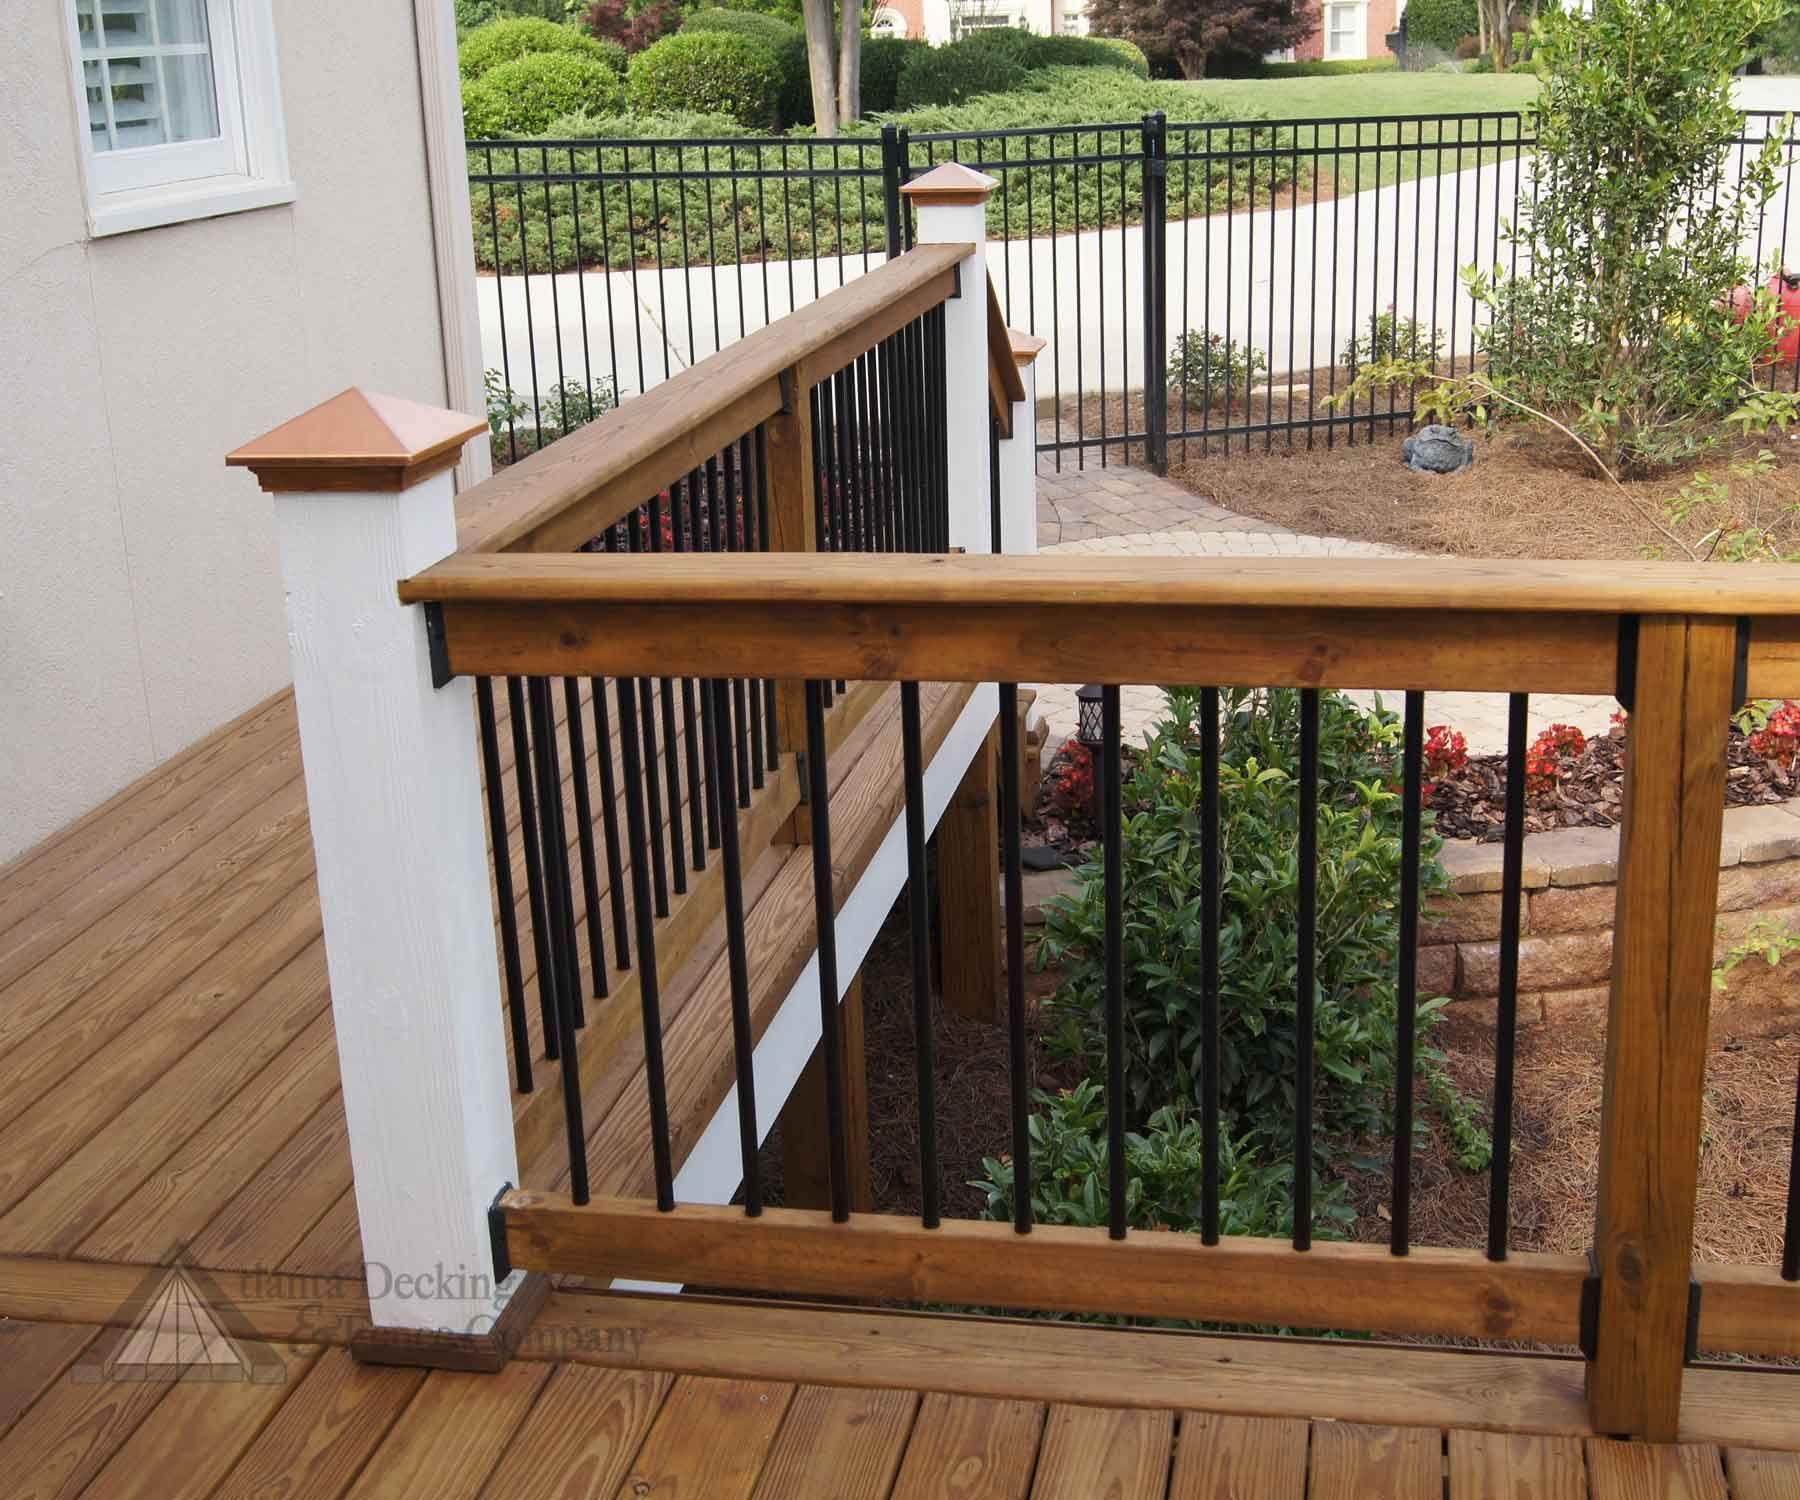 modern+handrail+outdoor | ... Wallpaper Deck railing ideas ...